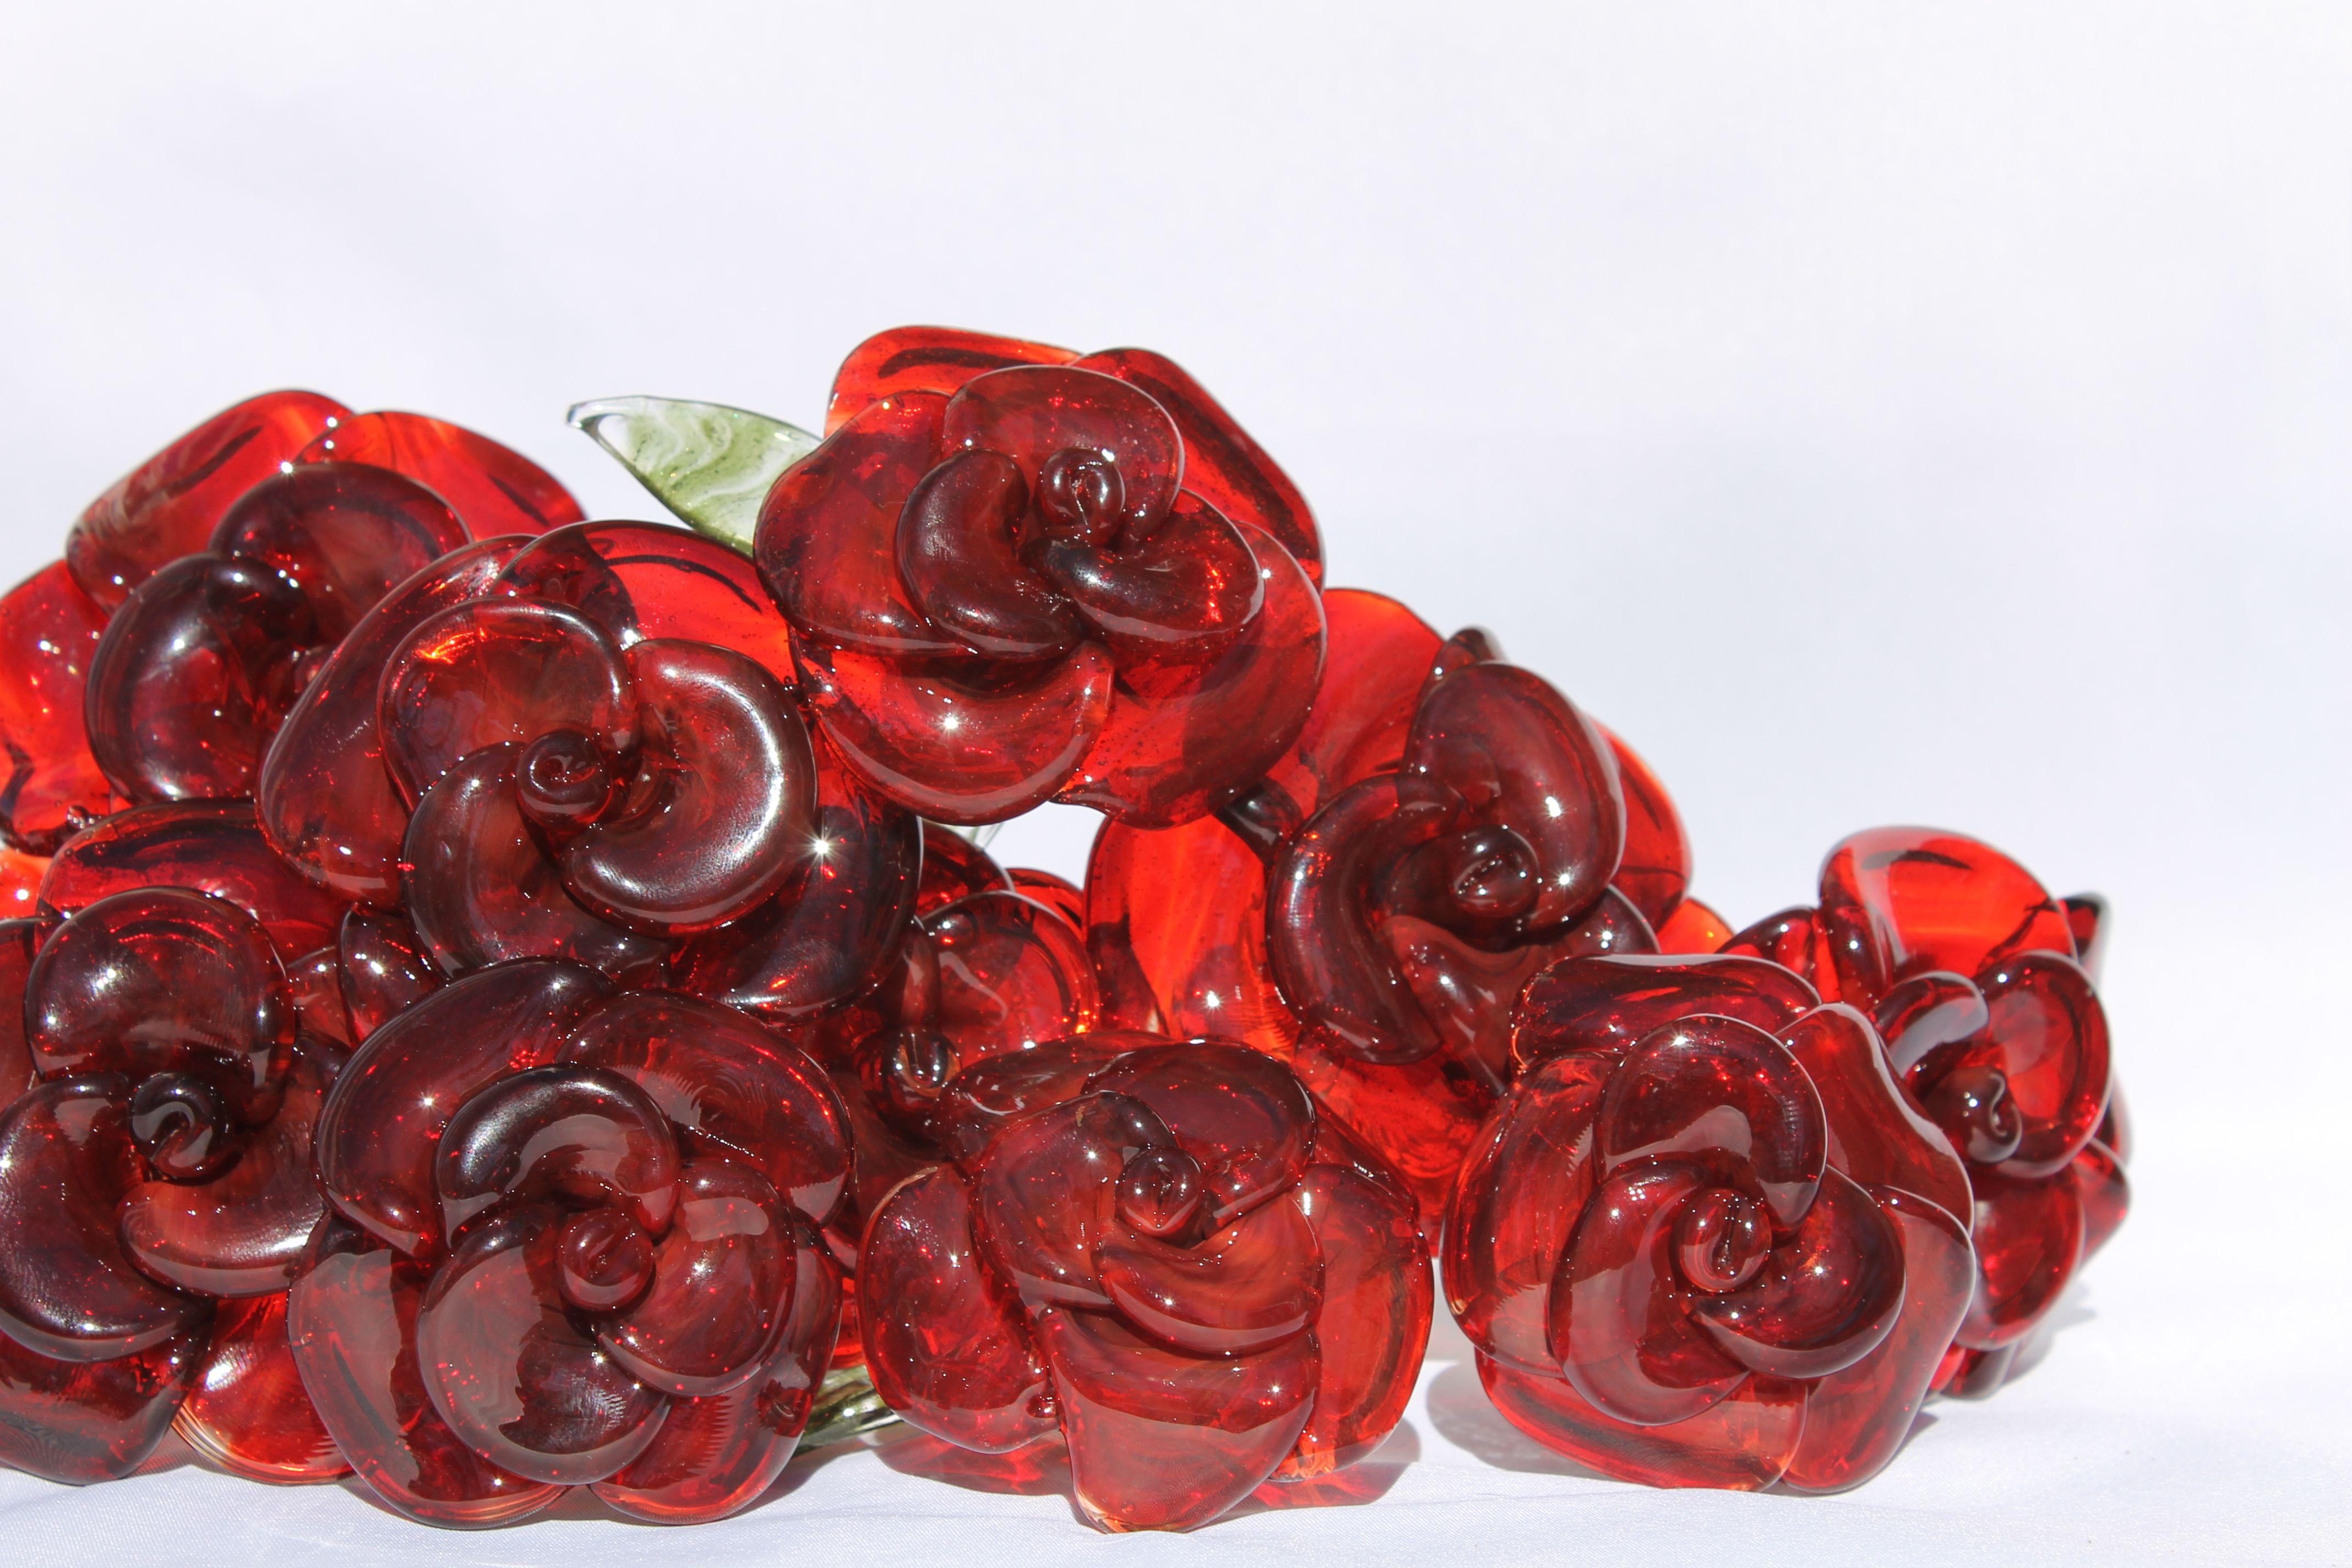 buy a custom dozen glass roses flower long stemmed untamed rose red made to order from untamed. Black Bedroom Furniture Sets. Home Design Ideas